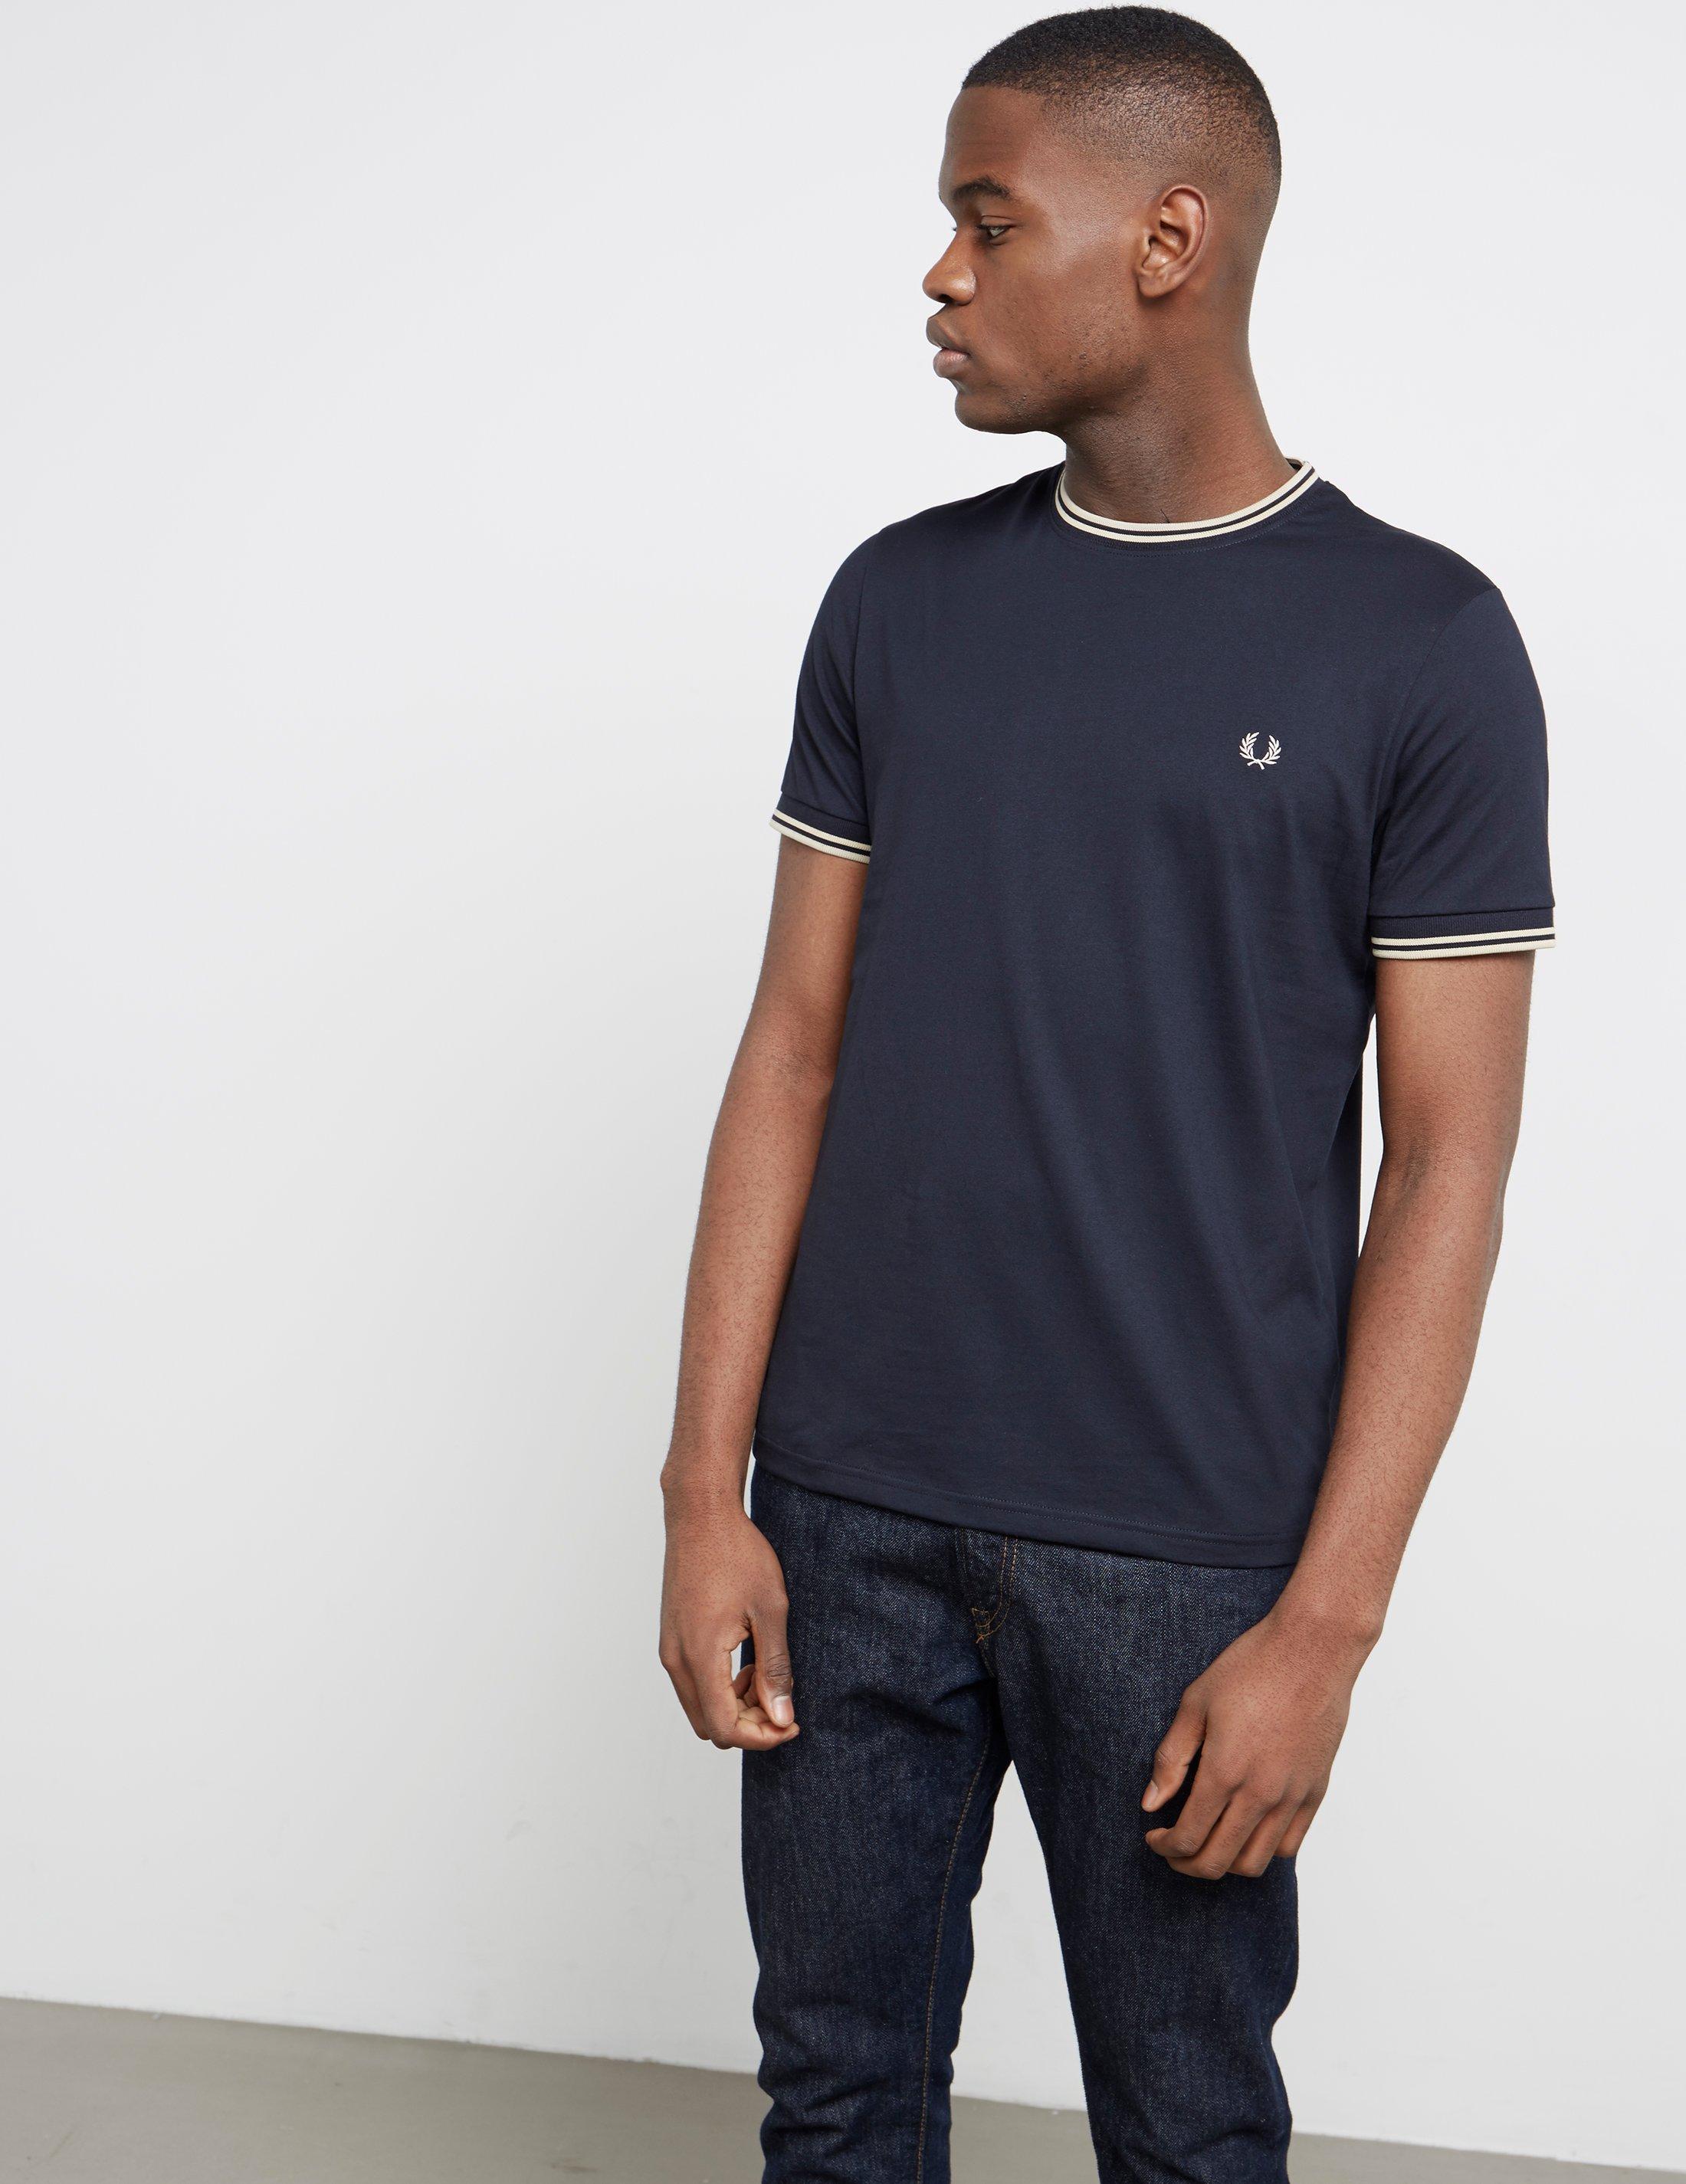 Mens Tipped Ringer Short Sleeve T-shirt Navy/white